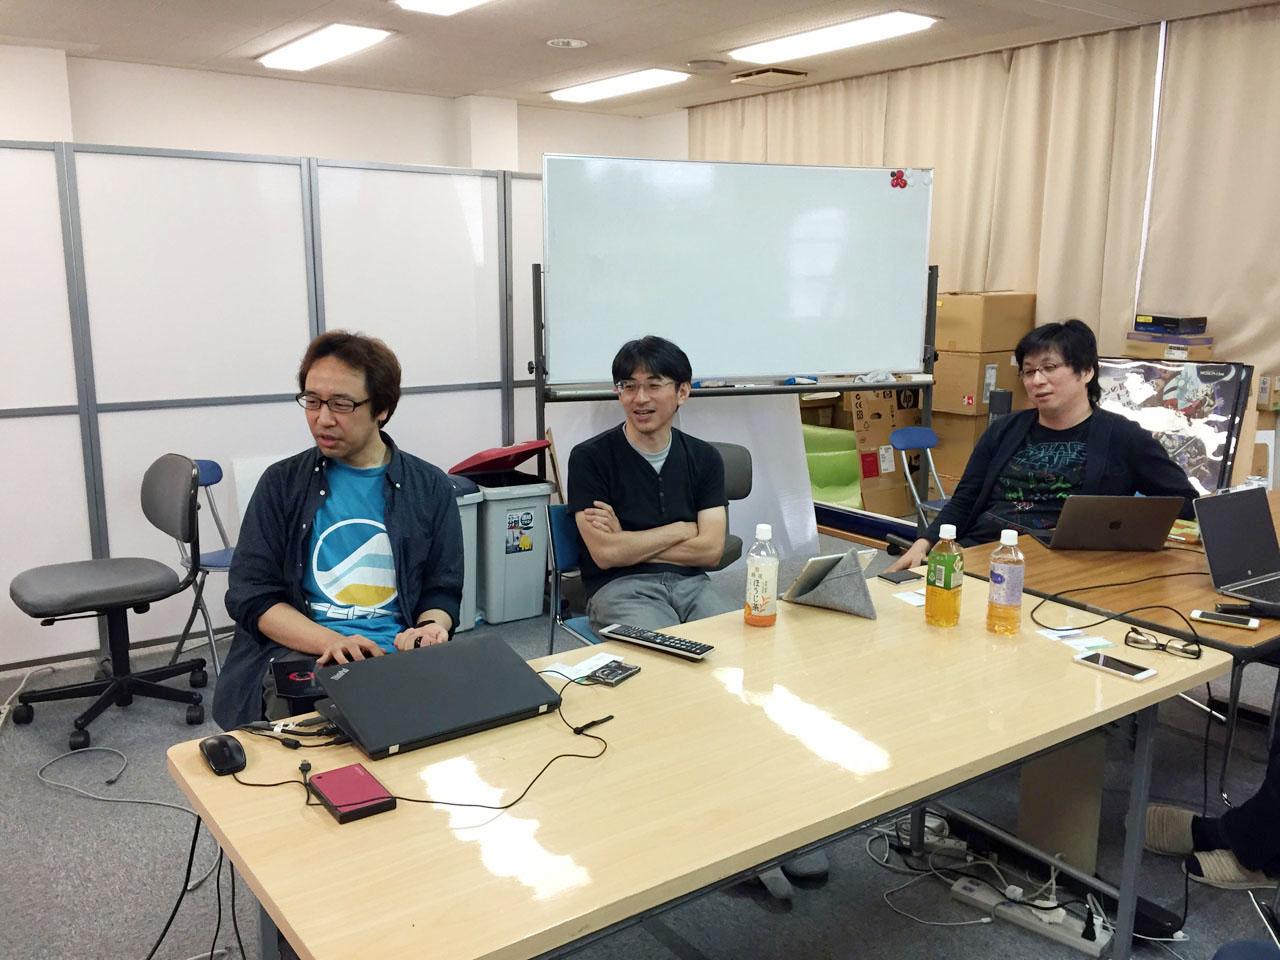 写真内の左から順に、プランナーの久保田氏、ディレクターの長野氏、堀井社長。開発中バージョンでの実演プレイも交えつつ、たっぷりとお話を伺った